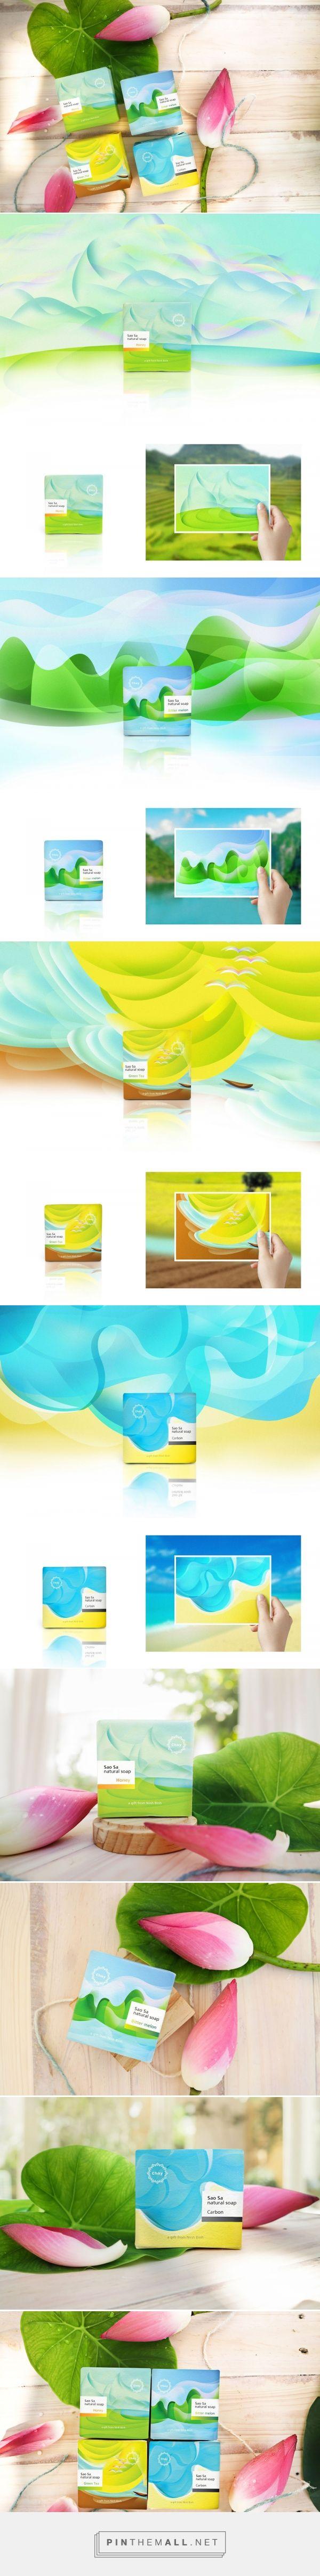 Sao Sa Natural Soap packaging design by Ken Duong - http://www.packagingoftheworld.com/2017/08/sao-sa-natural-soap.html